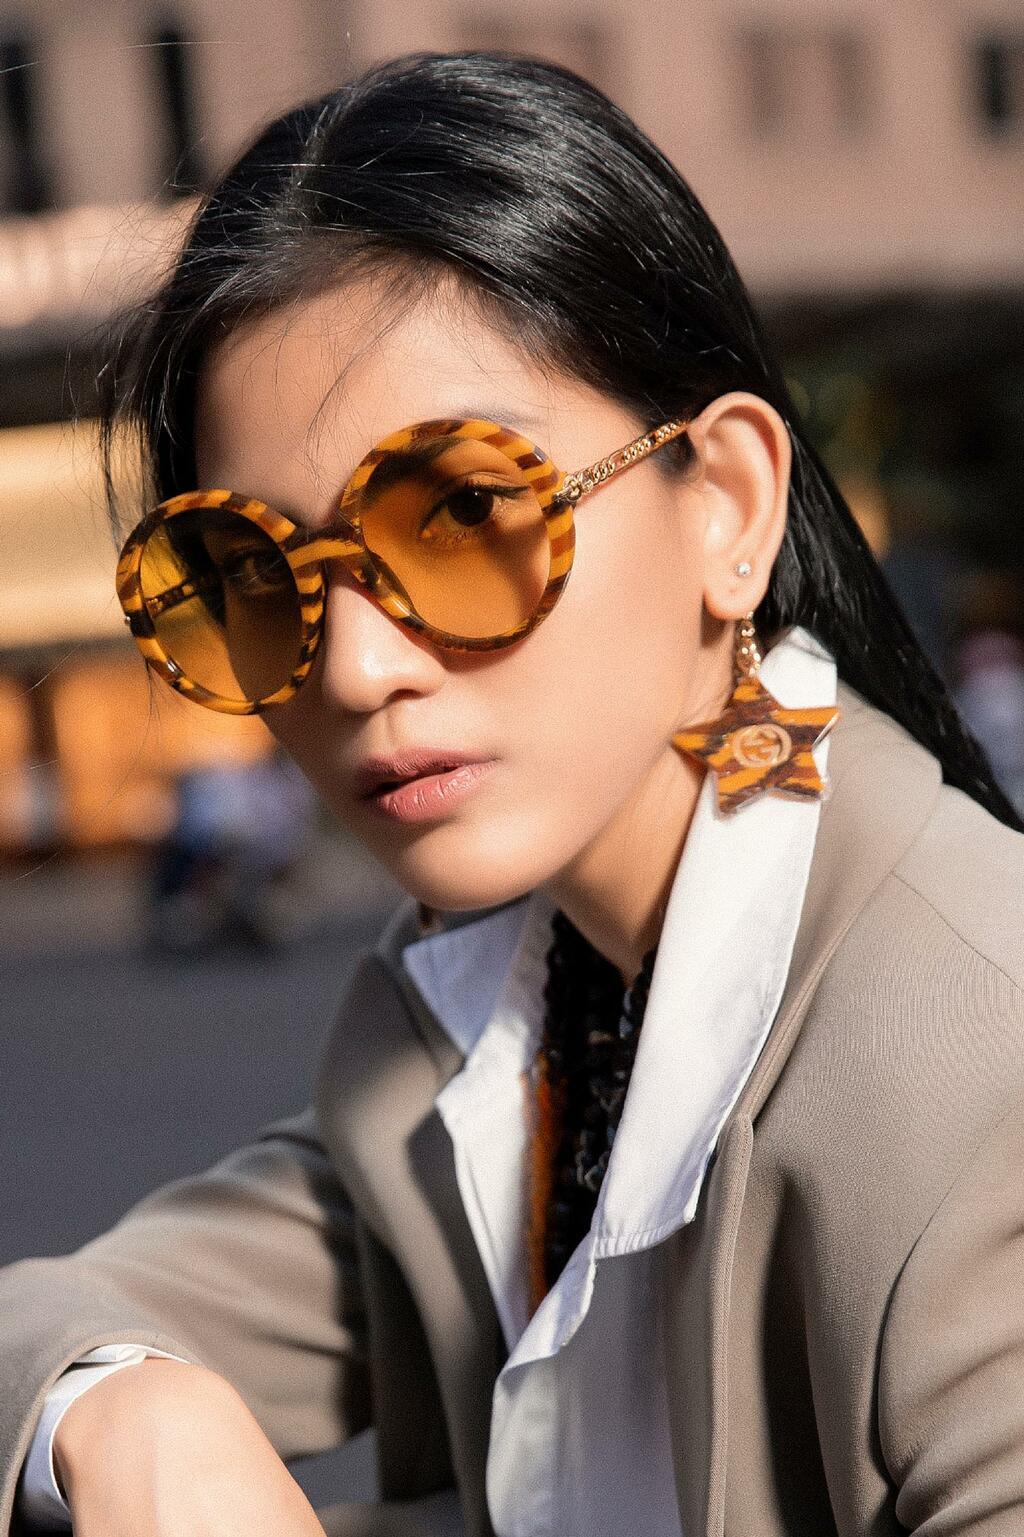 Trương Thị May hóa thân thành quý cô sành điệu trong bộ ảnh thời trang đường phố chất lừ